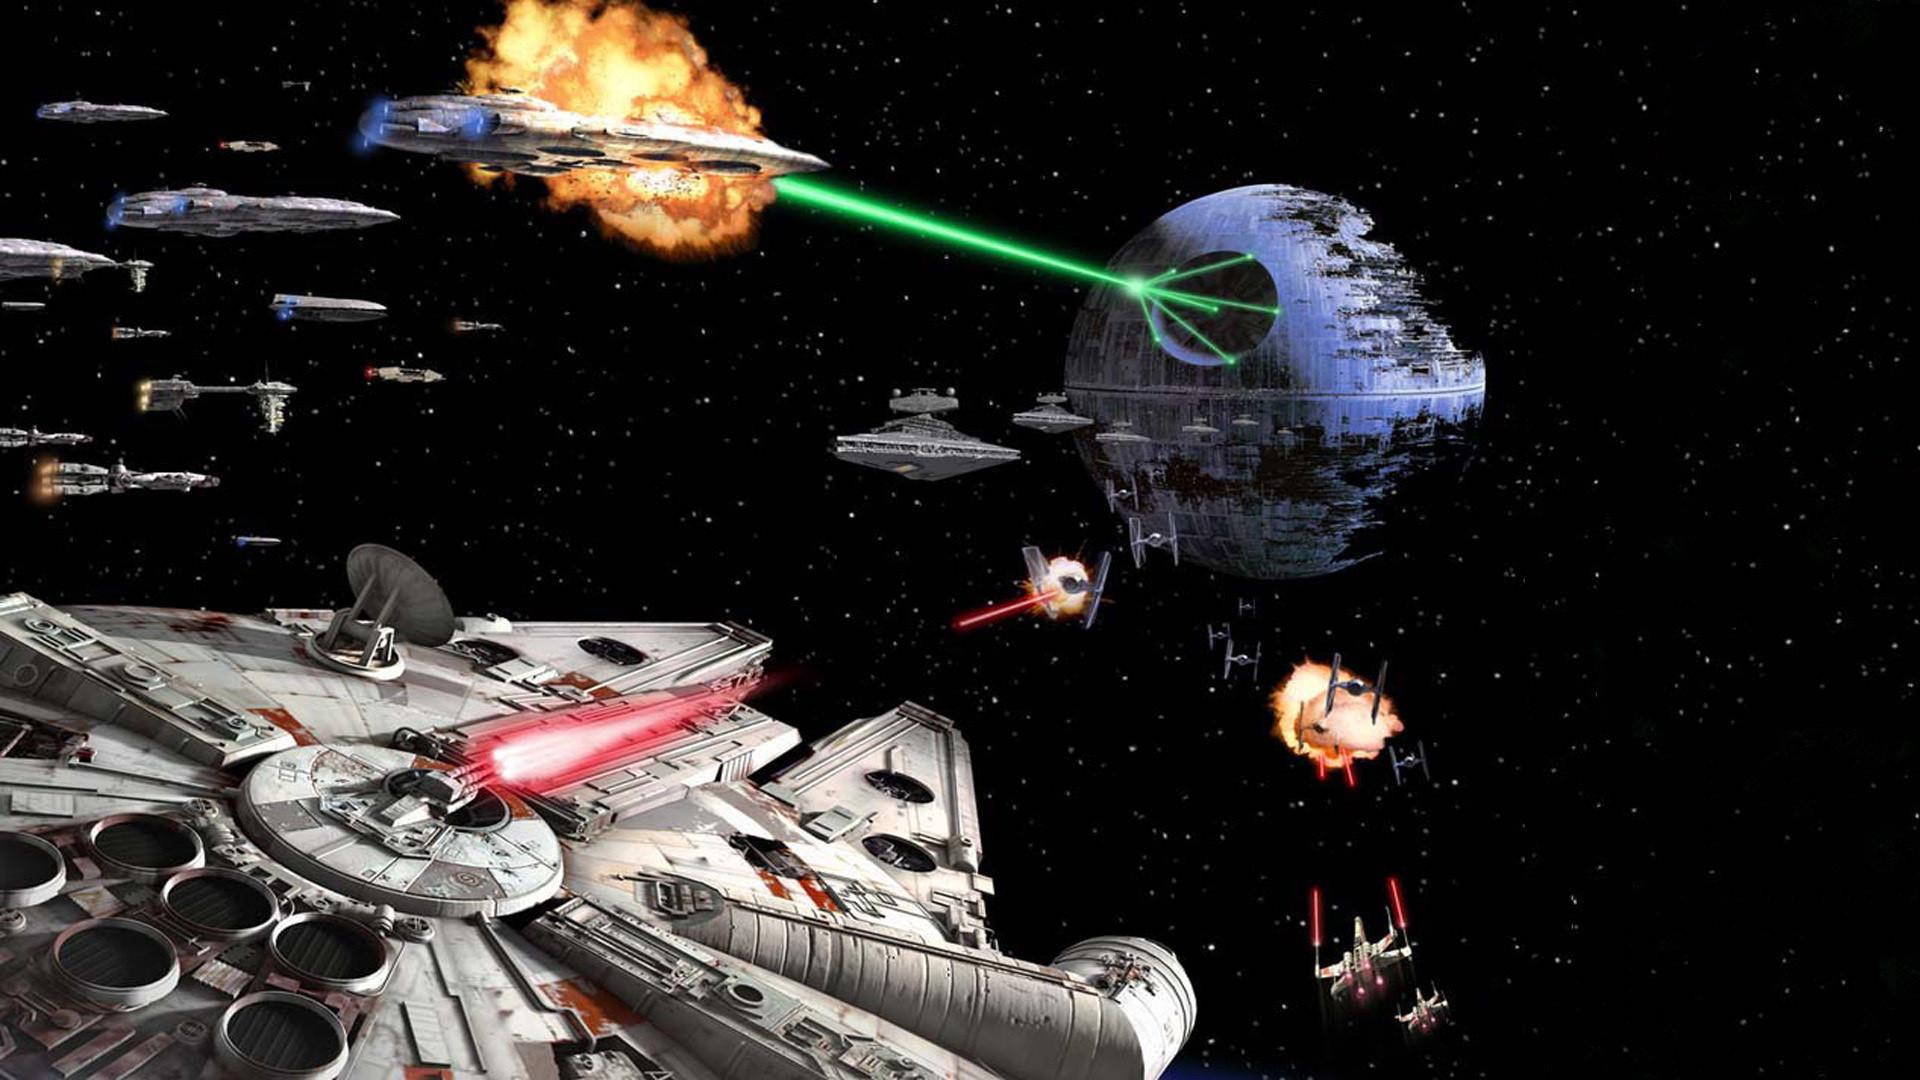 Attack on Death Star Wallpaper.